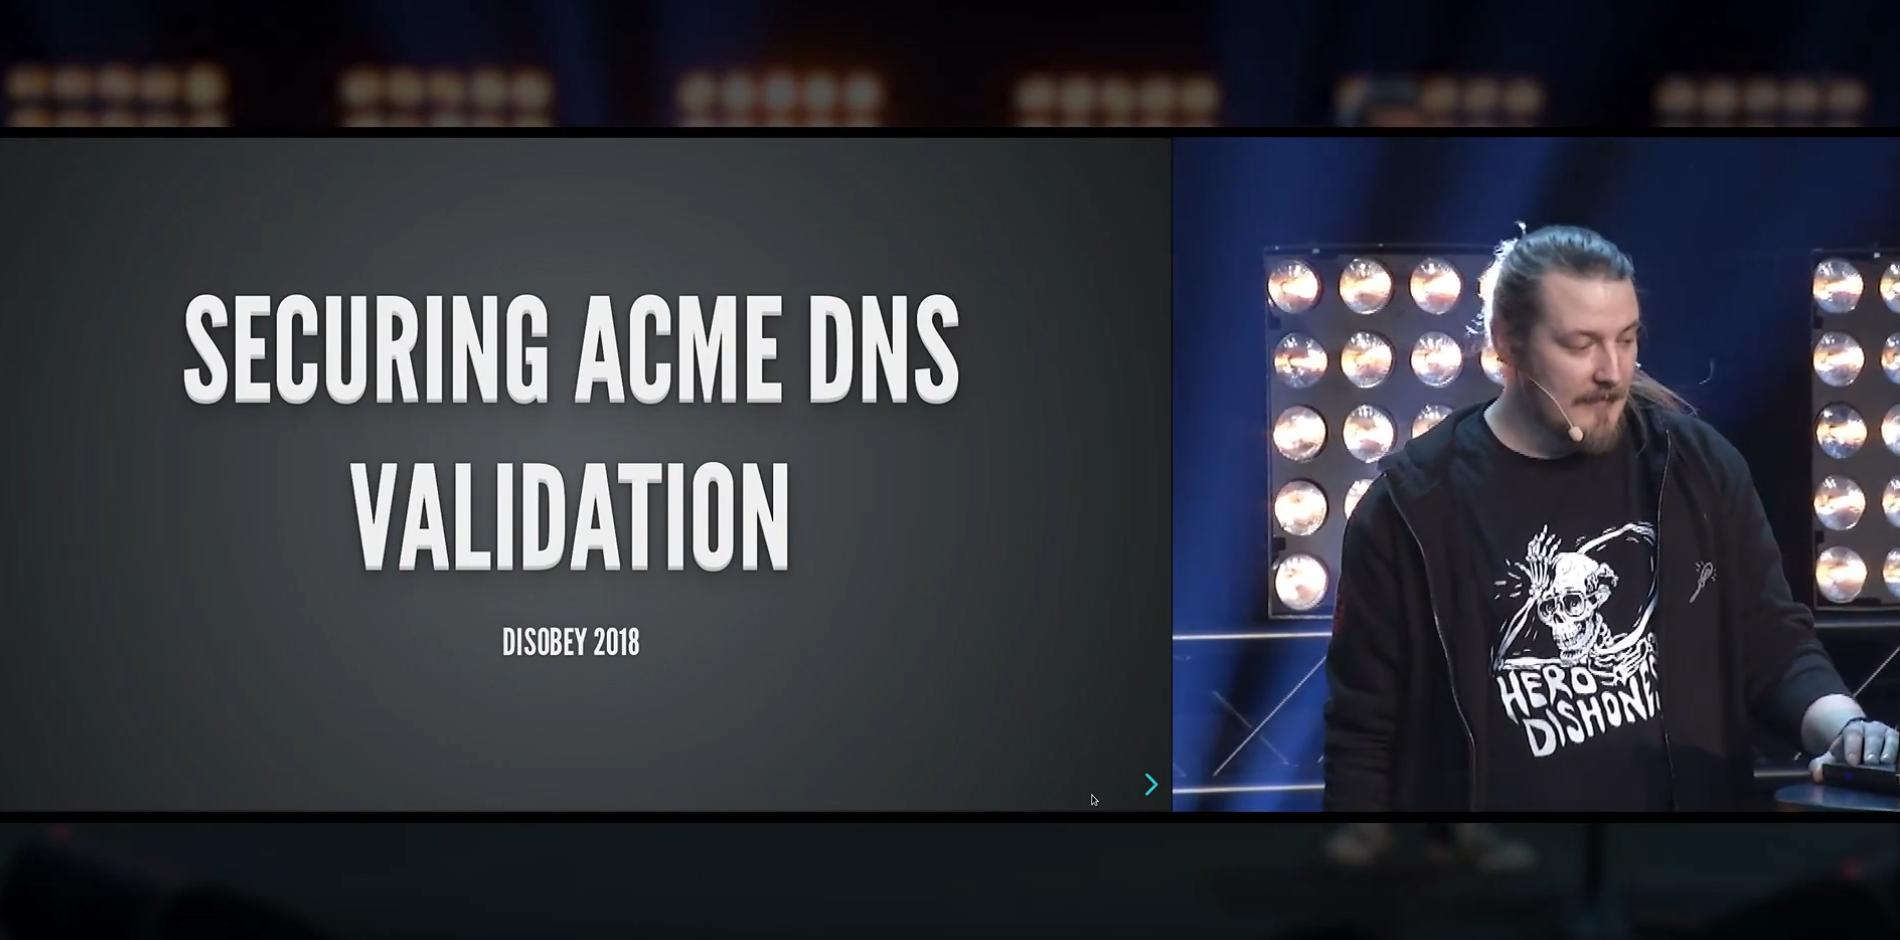 Fuugin säätiö edistää webin tietoturvaa: acme-dns -asiakasohjelman toteutus